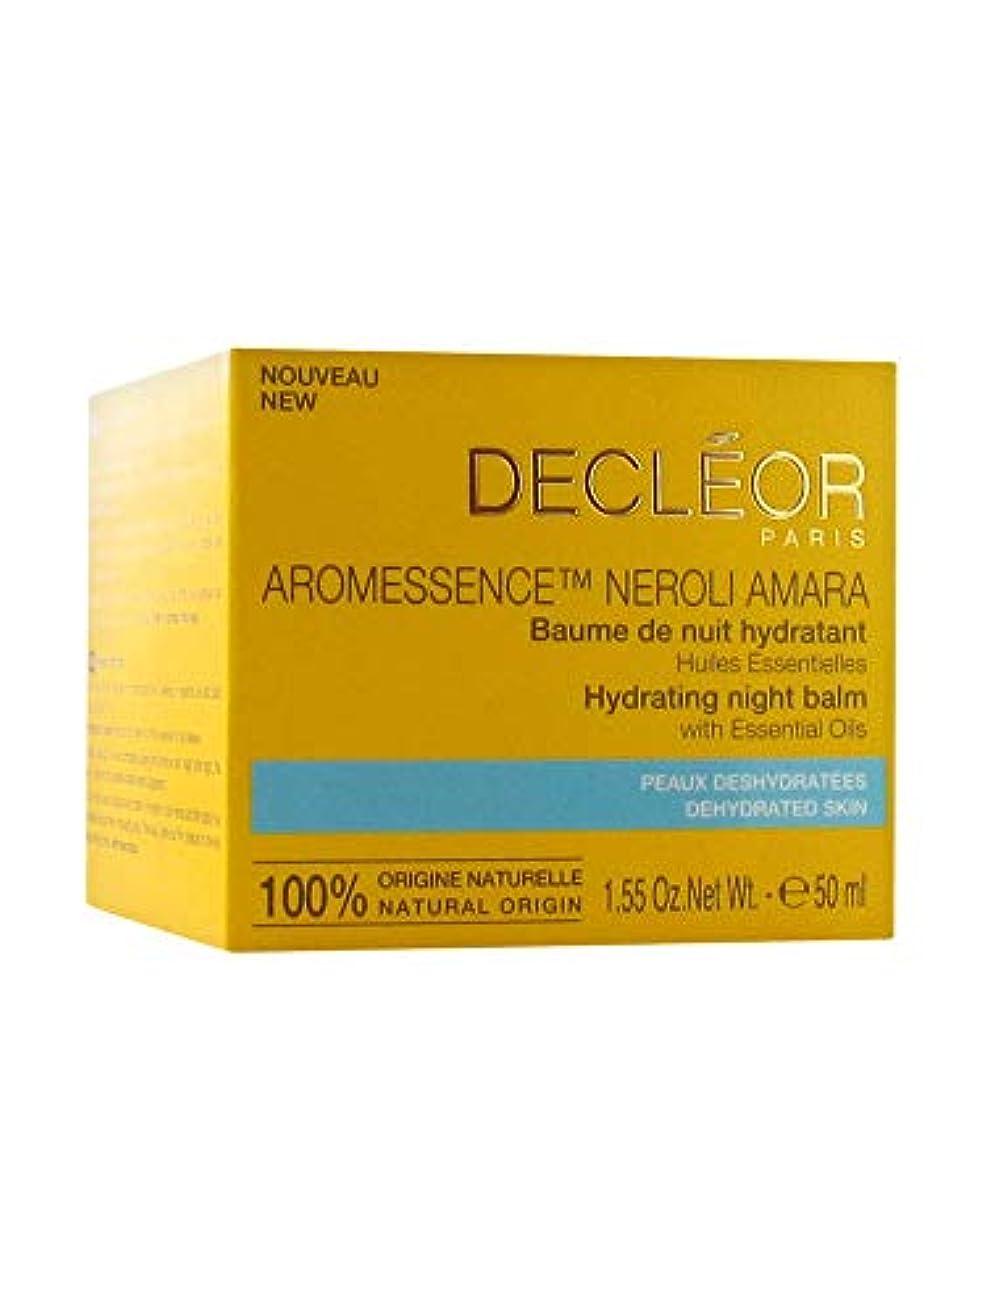 ウール運ぶアレキサンダーグラハムベルデクレオール Aromessence Neroli Amara Hydrating Night Balm - For Dehydrated Skin 50ml/1.55oz並行輸入品